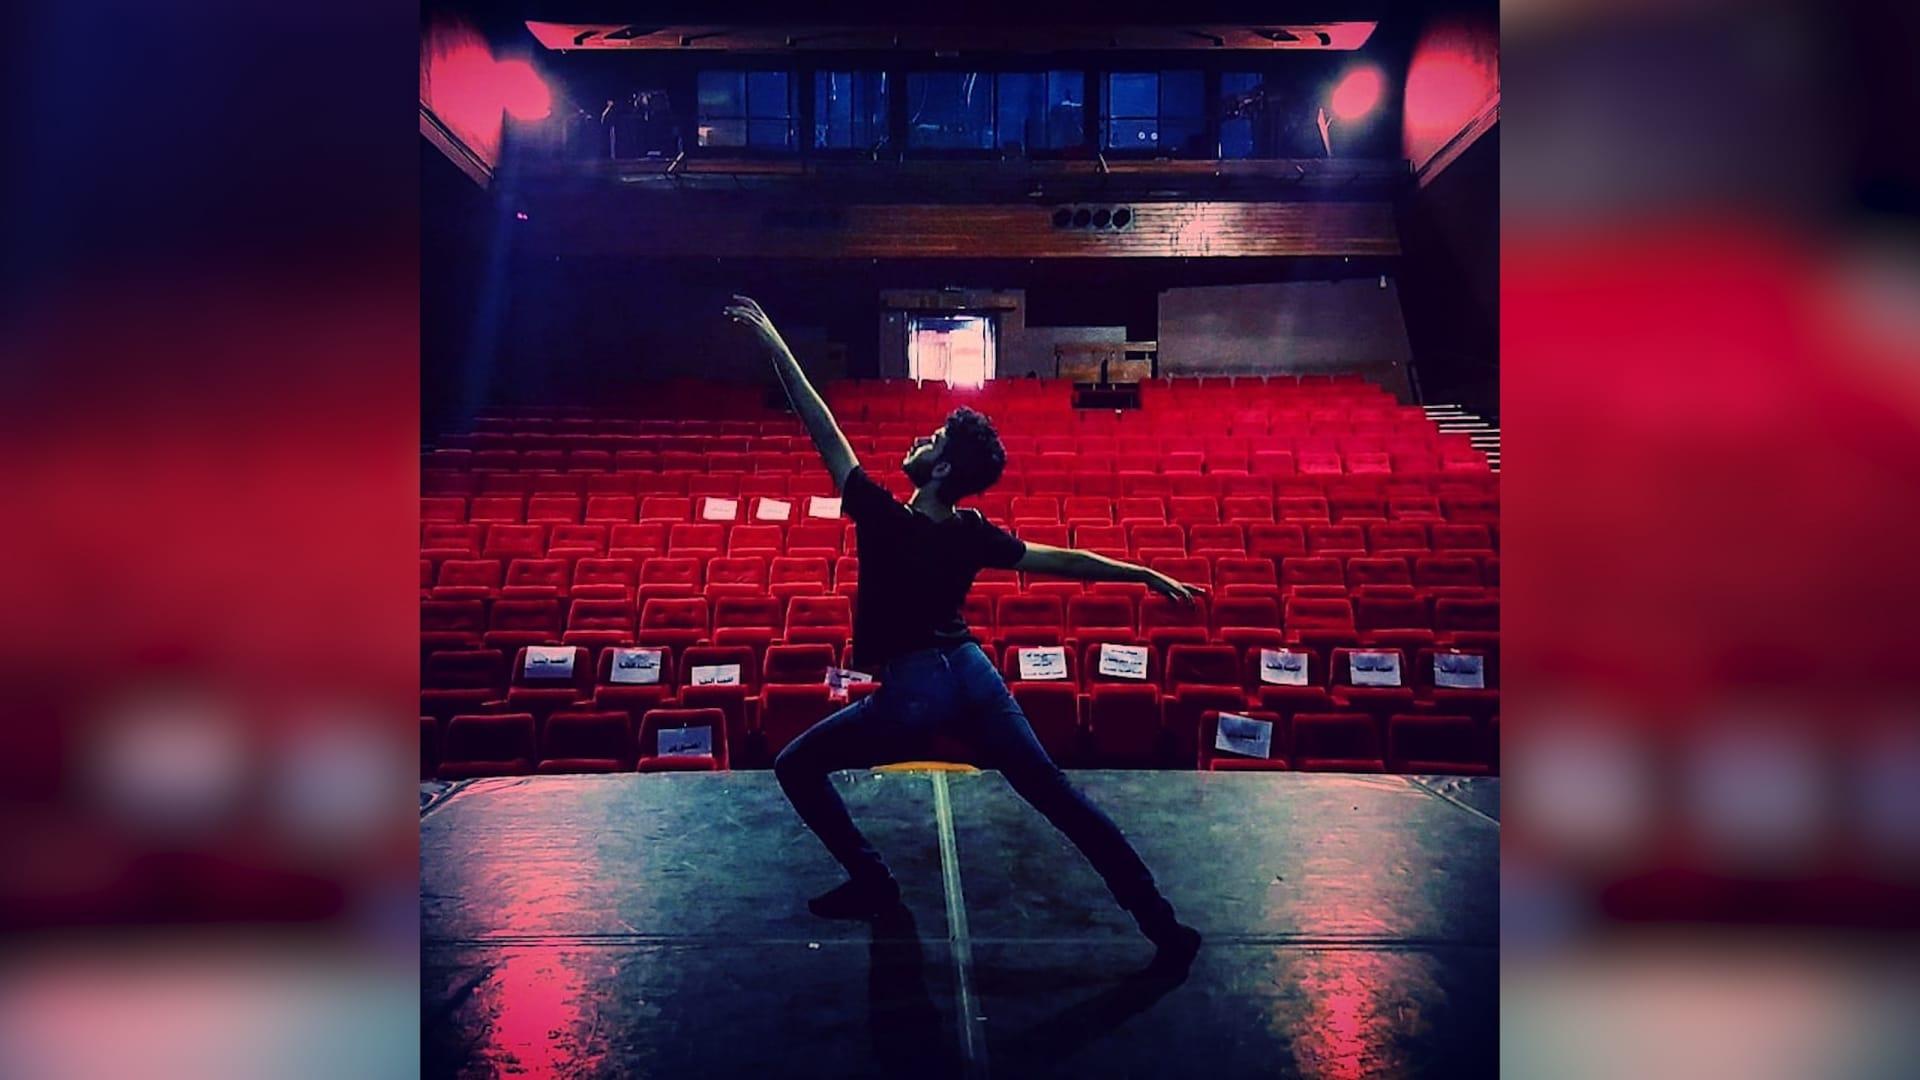 راقص باليه أردني يكسر قيود المعتاد على أنغام تشايكوفسكي لإشباع الشغف